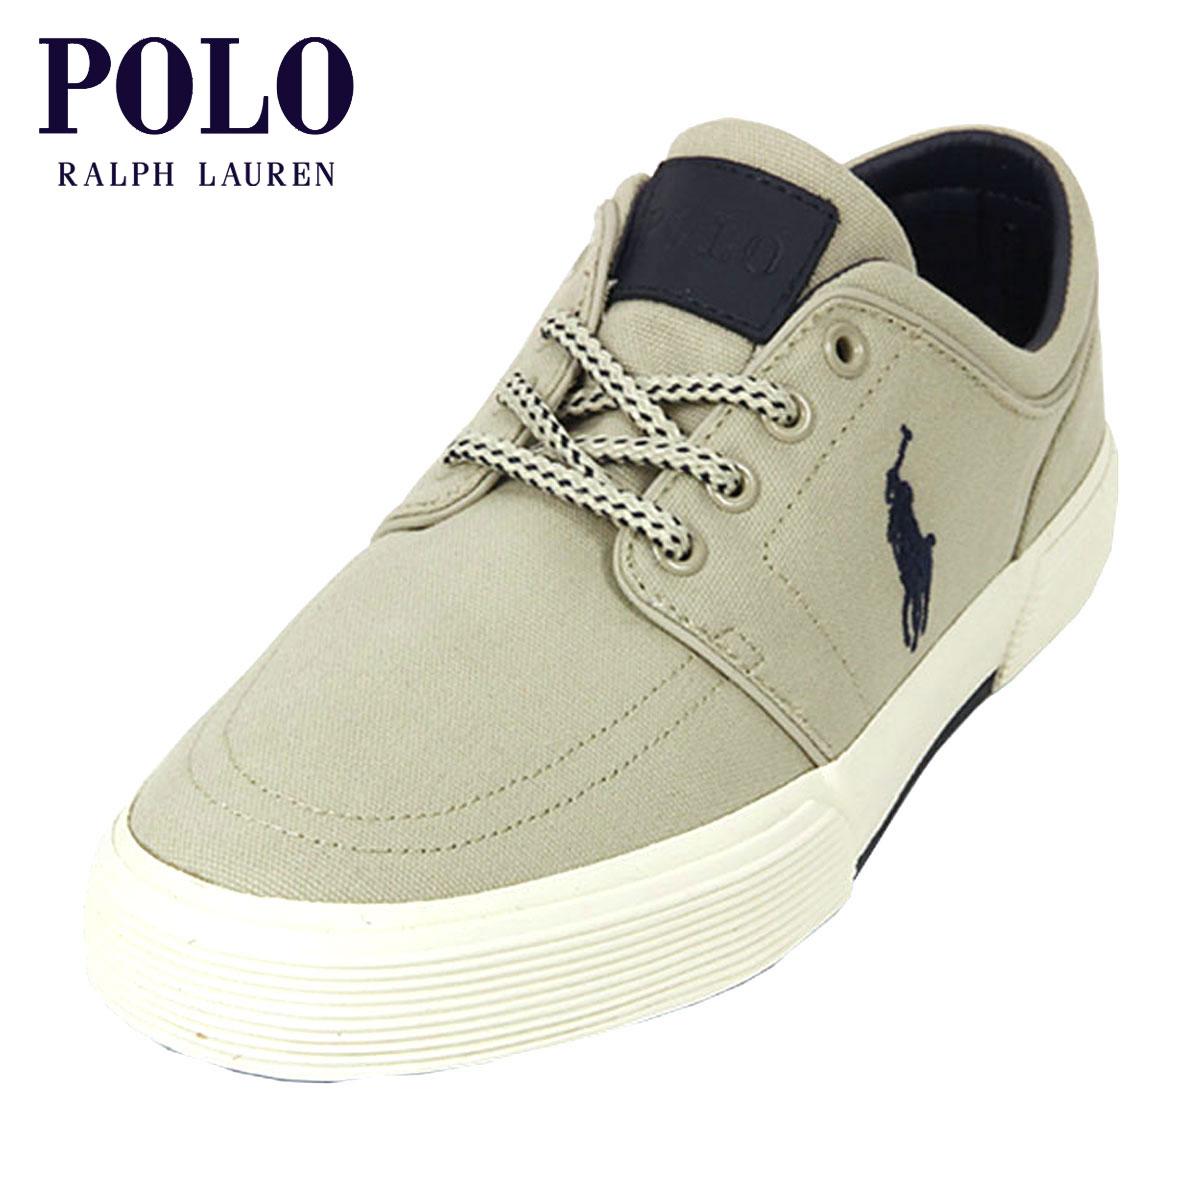 ポロ ラルフローレン POLO RALPH LAUREN 正規品 メンズ 靴 シューズ CANVAS FAXON LOW SNEAKER D00S15